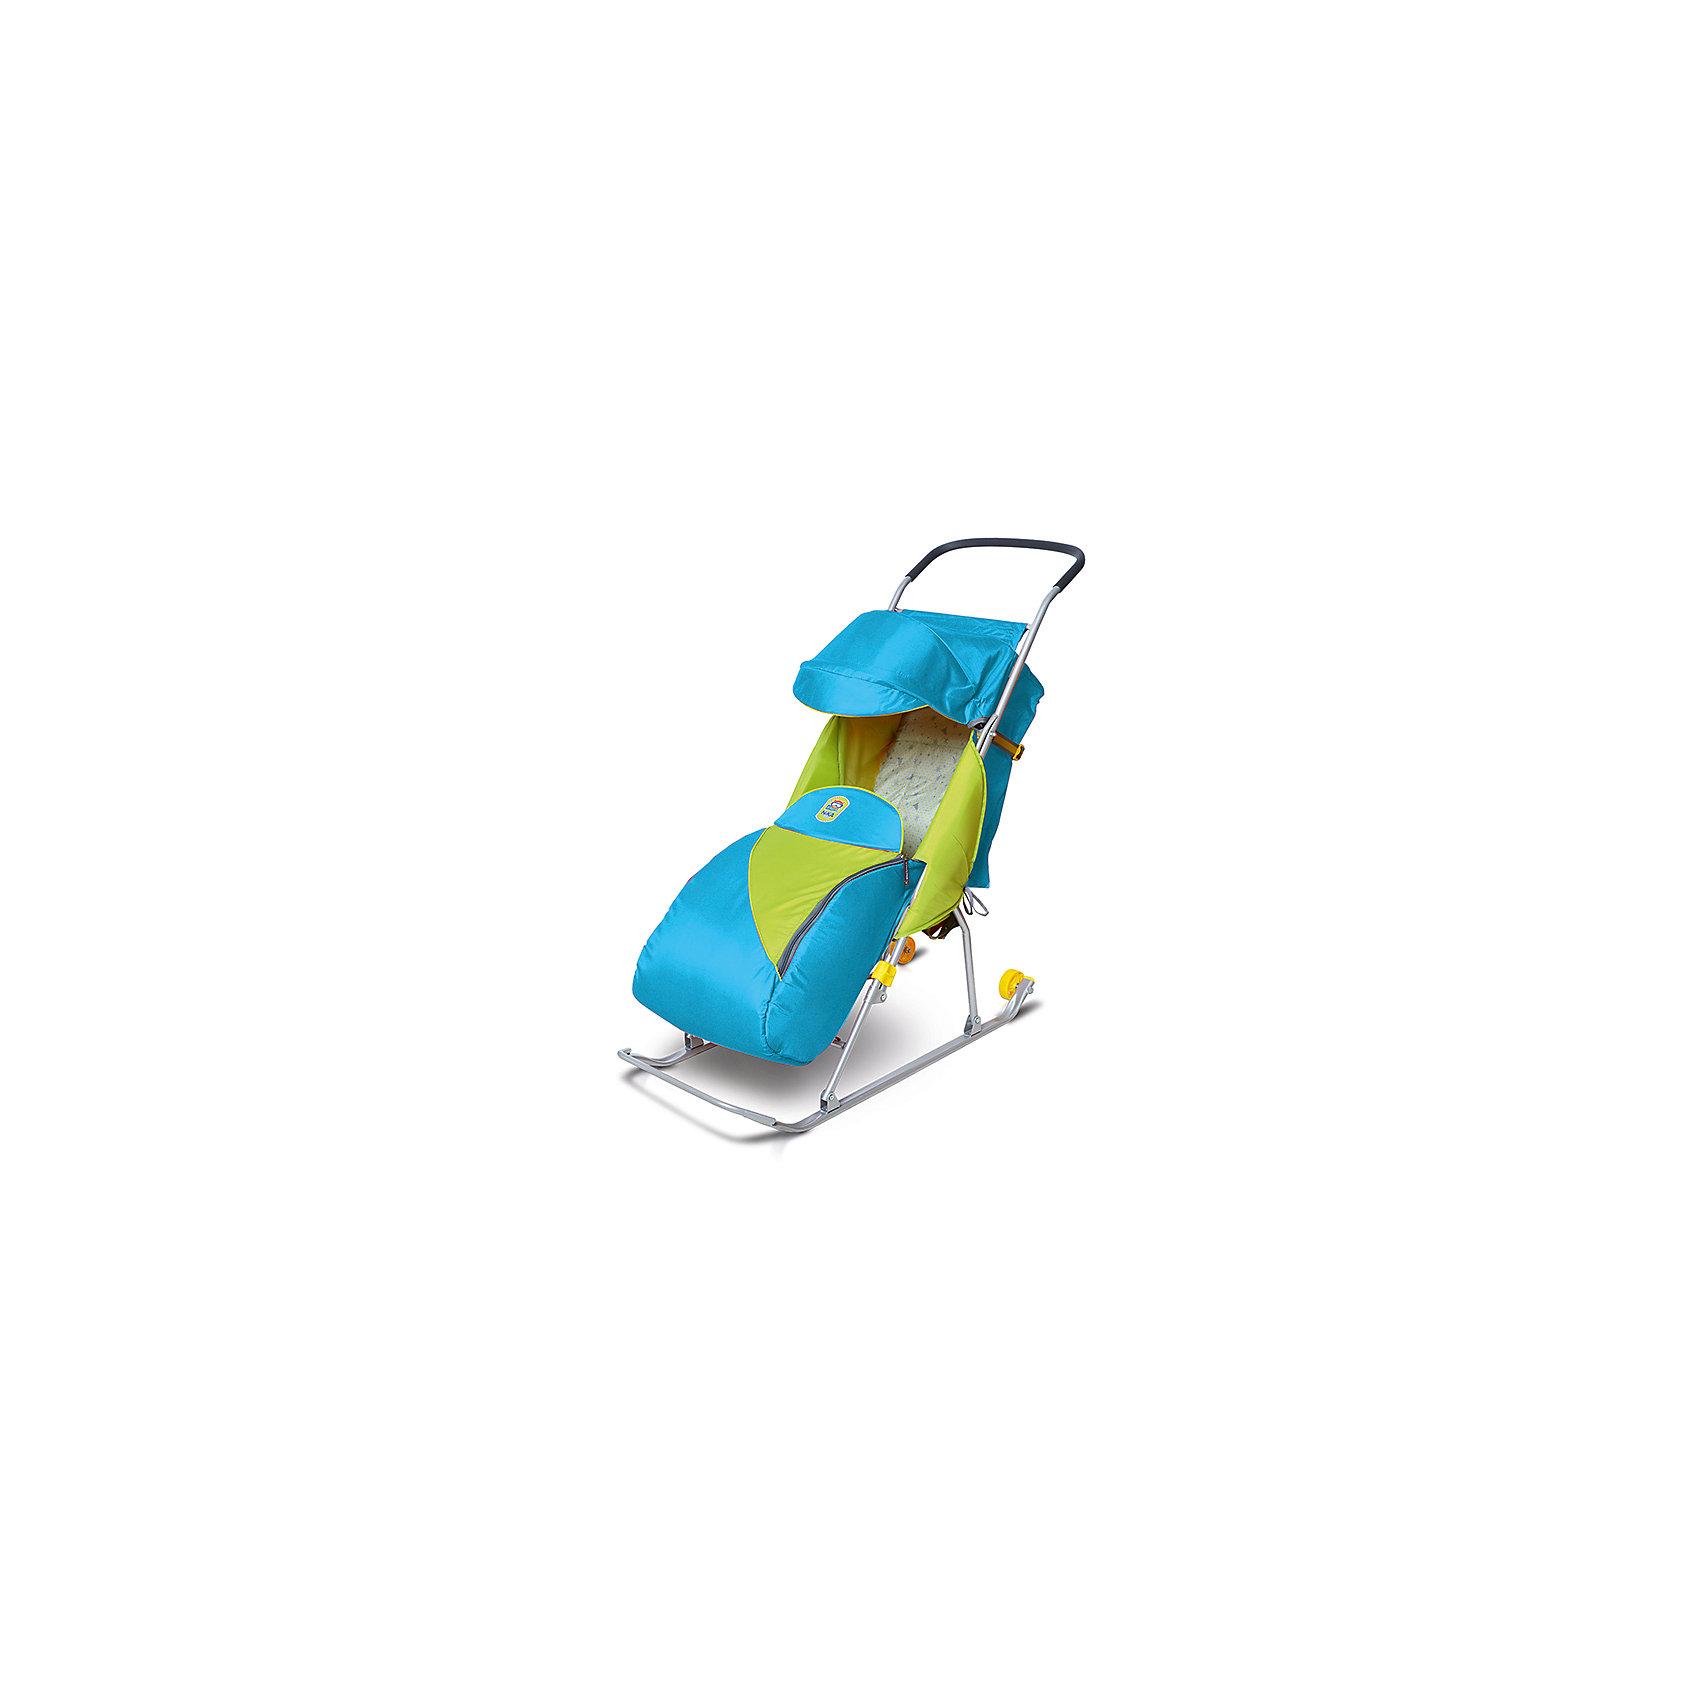 Санки-коляска Ника Тимка 2 Комфорт, бирюзовыйС колесиками<br>Санки-коляска Тимка - прекрасный вариант для наших погодных условий! Санки имеют удобную регулируемую спинку и складной козырек. Прочный металлический каркас легко складывается. Чехол, выполненный из высококачественного влагоотталкивающего материала, прекрасно защищает от холода и ветра. Широкие плоские полозья обеспечивают отличную проходимость. Санки оснащены трехточечными ремнями безопасности, имеют удобную накидку на ножки. Колеса на задней части полозьев позволяют без труда перевозить санки  через те участки, где нет снега, например, через дорогу. Модель быстро и легко складывается, занимает мало места при хранении и транспортировке. <br><br>Дополнительная информация:<br><br>- Материал: металл, полиэстер. <br>- Размер сиденья: 32х29 см.<br>- Размер спинки: 57х33,5 см.<br>- Высота ручки от земли: 93 см.<br>- Ширина полозьев: 3 см. <br>- Складной козырек.<br>- Сиденье с поролоновой вставкой.<br>- Накидка на ножки.<br>- Транспортировочные колеса. <br>- Трехточечные ремни безопасности. <br>- Спинка регулируется в двух положениях. <br>- Наклон спинки в положении сна:135 ?<br>- Вес: 4,6 кг<br>- Максимальный вес ребенка: 50 кг.<br>- Легко складываются. <br>- Большой задний карман.<br>- Светоотражающие элементы.<br>- Цвет: бирюзовый. <br><br>Санки-коляску Тимка 2 Комфорт, бирюзовые, можно купить в нашем магазине.<br><br>Ширина мм: 1080<br>Глубина мм: 410<br>Высота мм: 160<br>Вес г: 4540<br>Цвет: бирюзовый<br>Возраст от месяцев: 12<br>Возраст до месяцев: 48<br>Пол: Унисекс<br>Возраст: Детский<br>SKU: 4314884